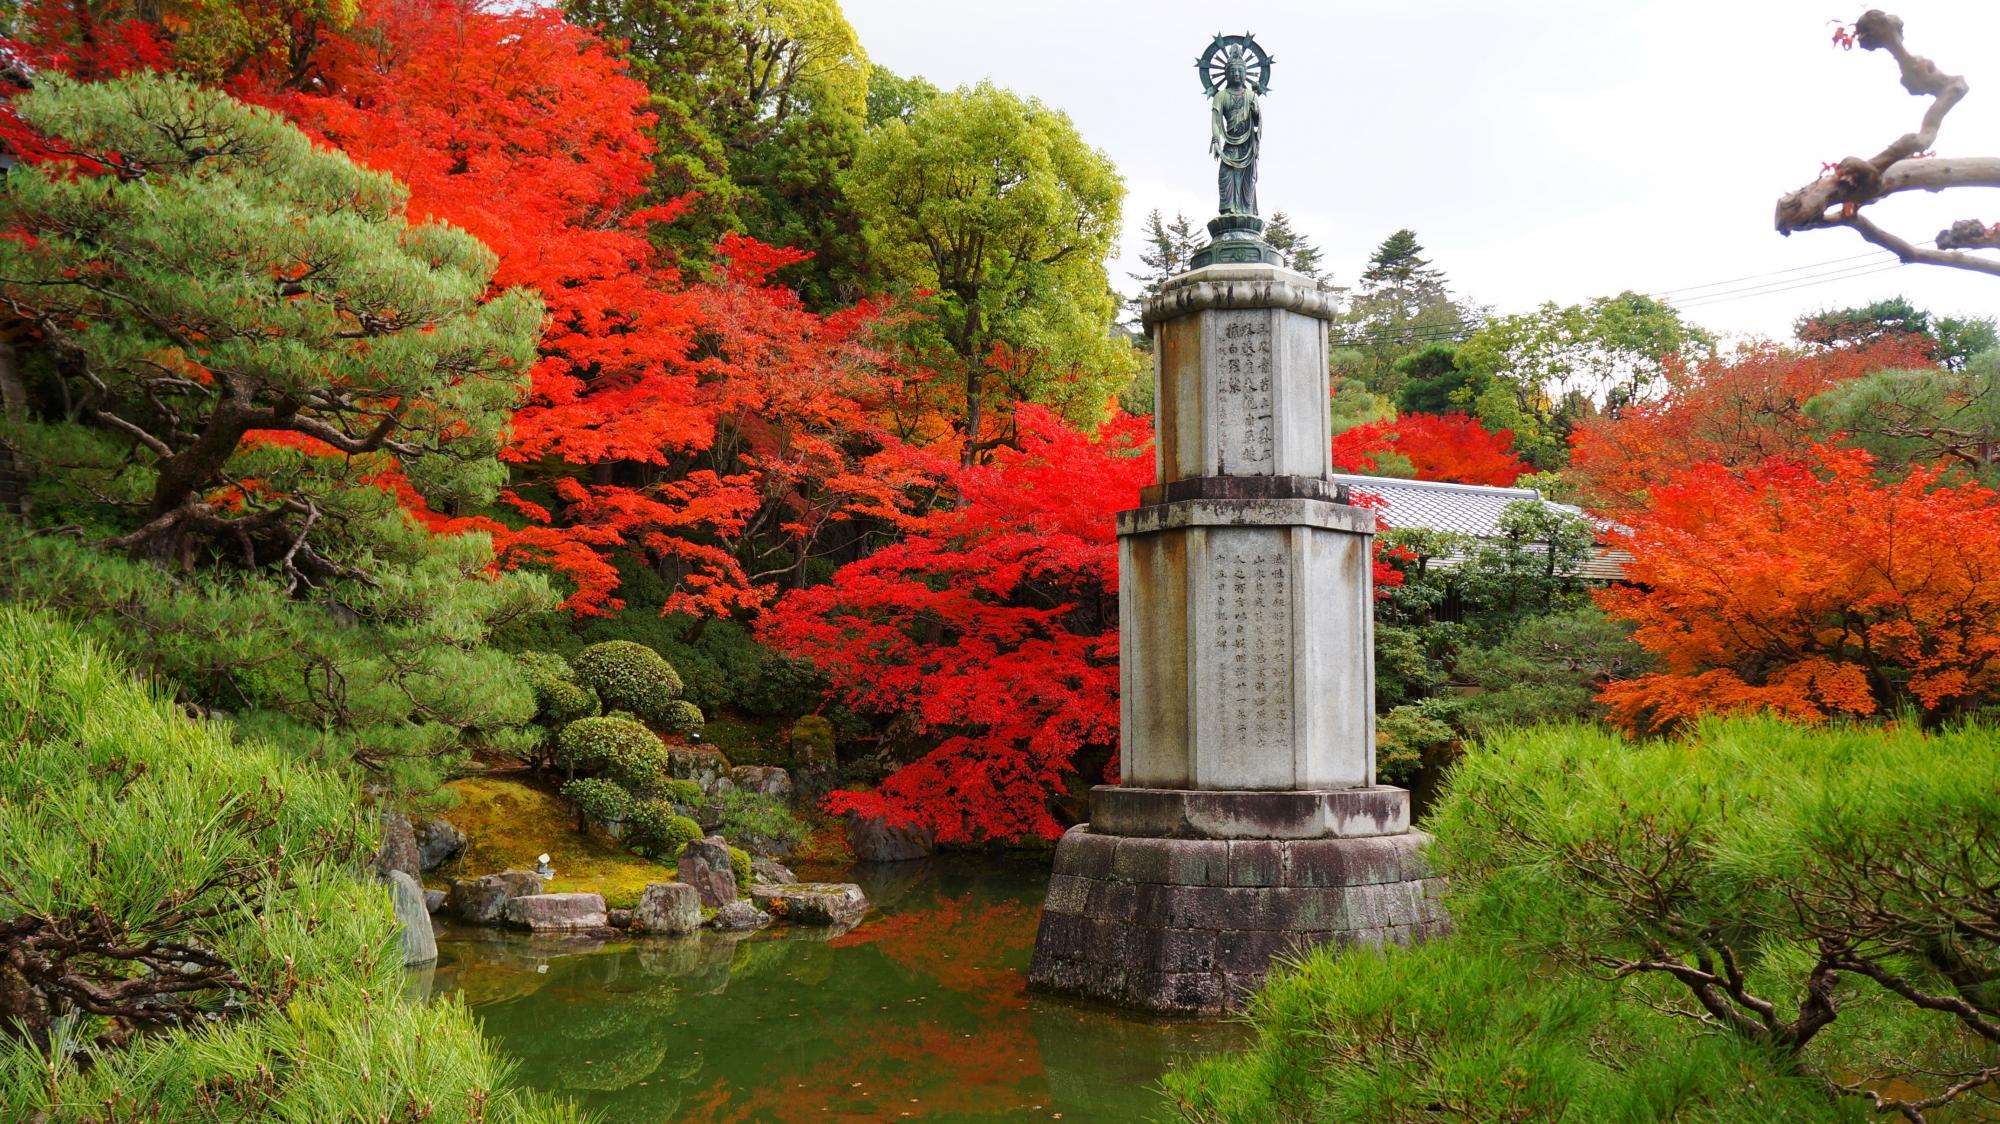 松などの多様な緑と水辺を彩る赤やオレンジの多彩な紅葉